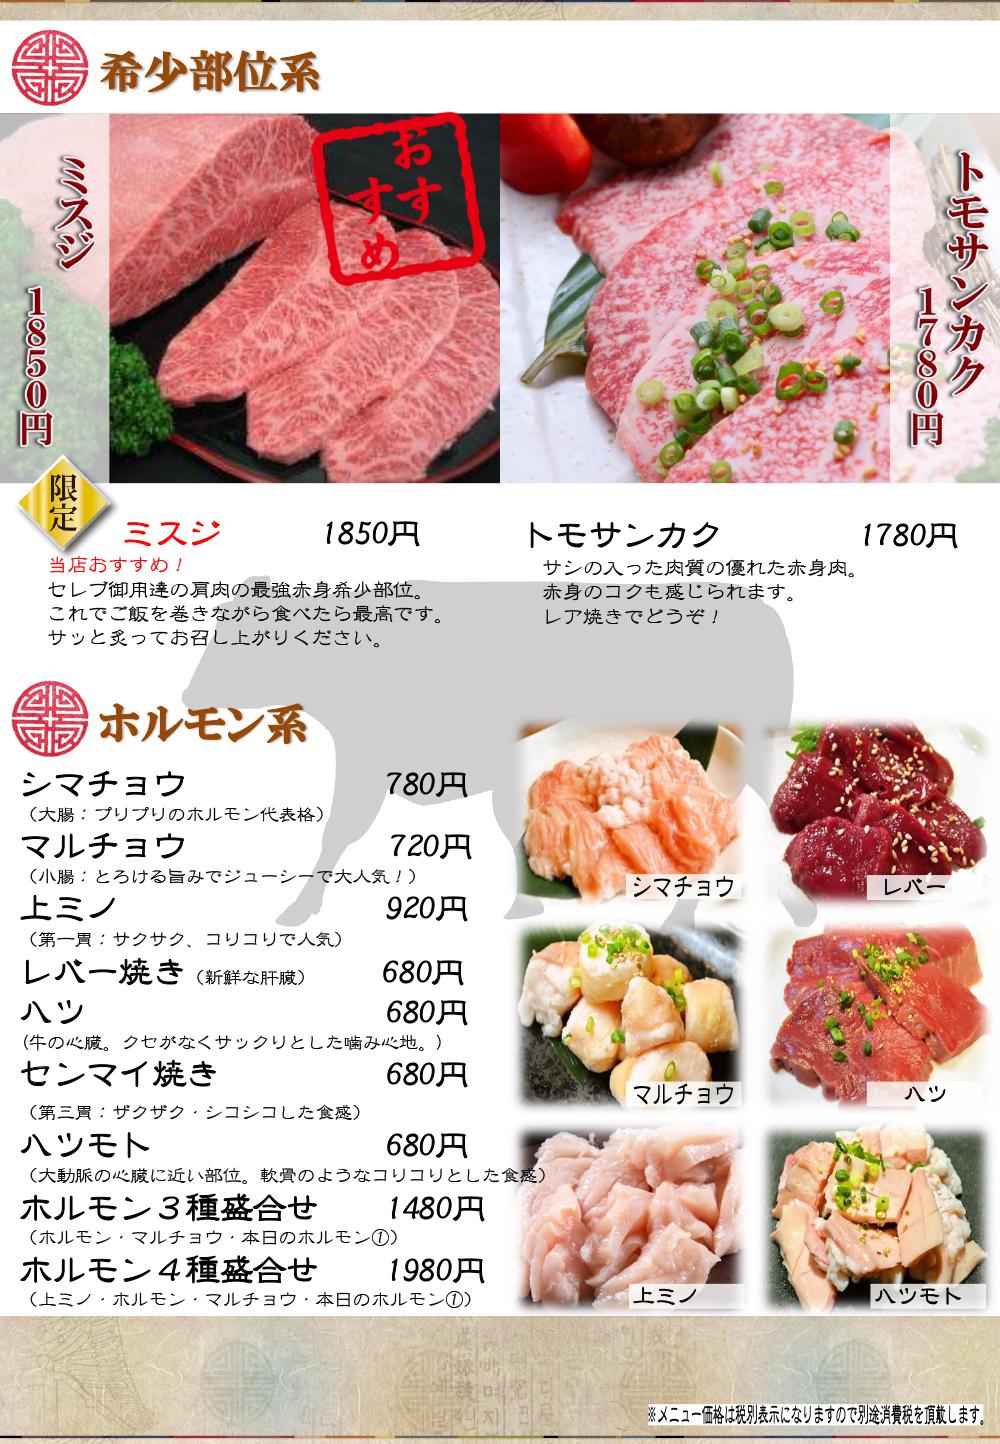 浦安店 焼き物メニュー4